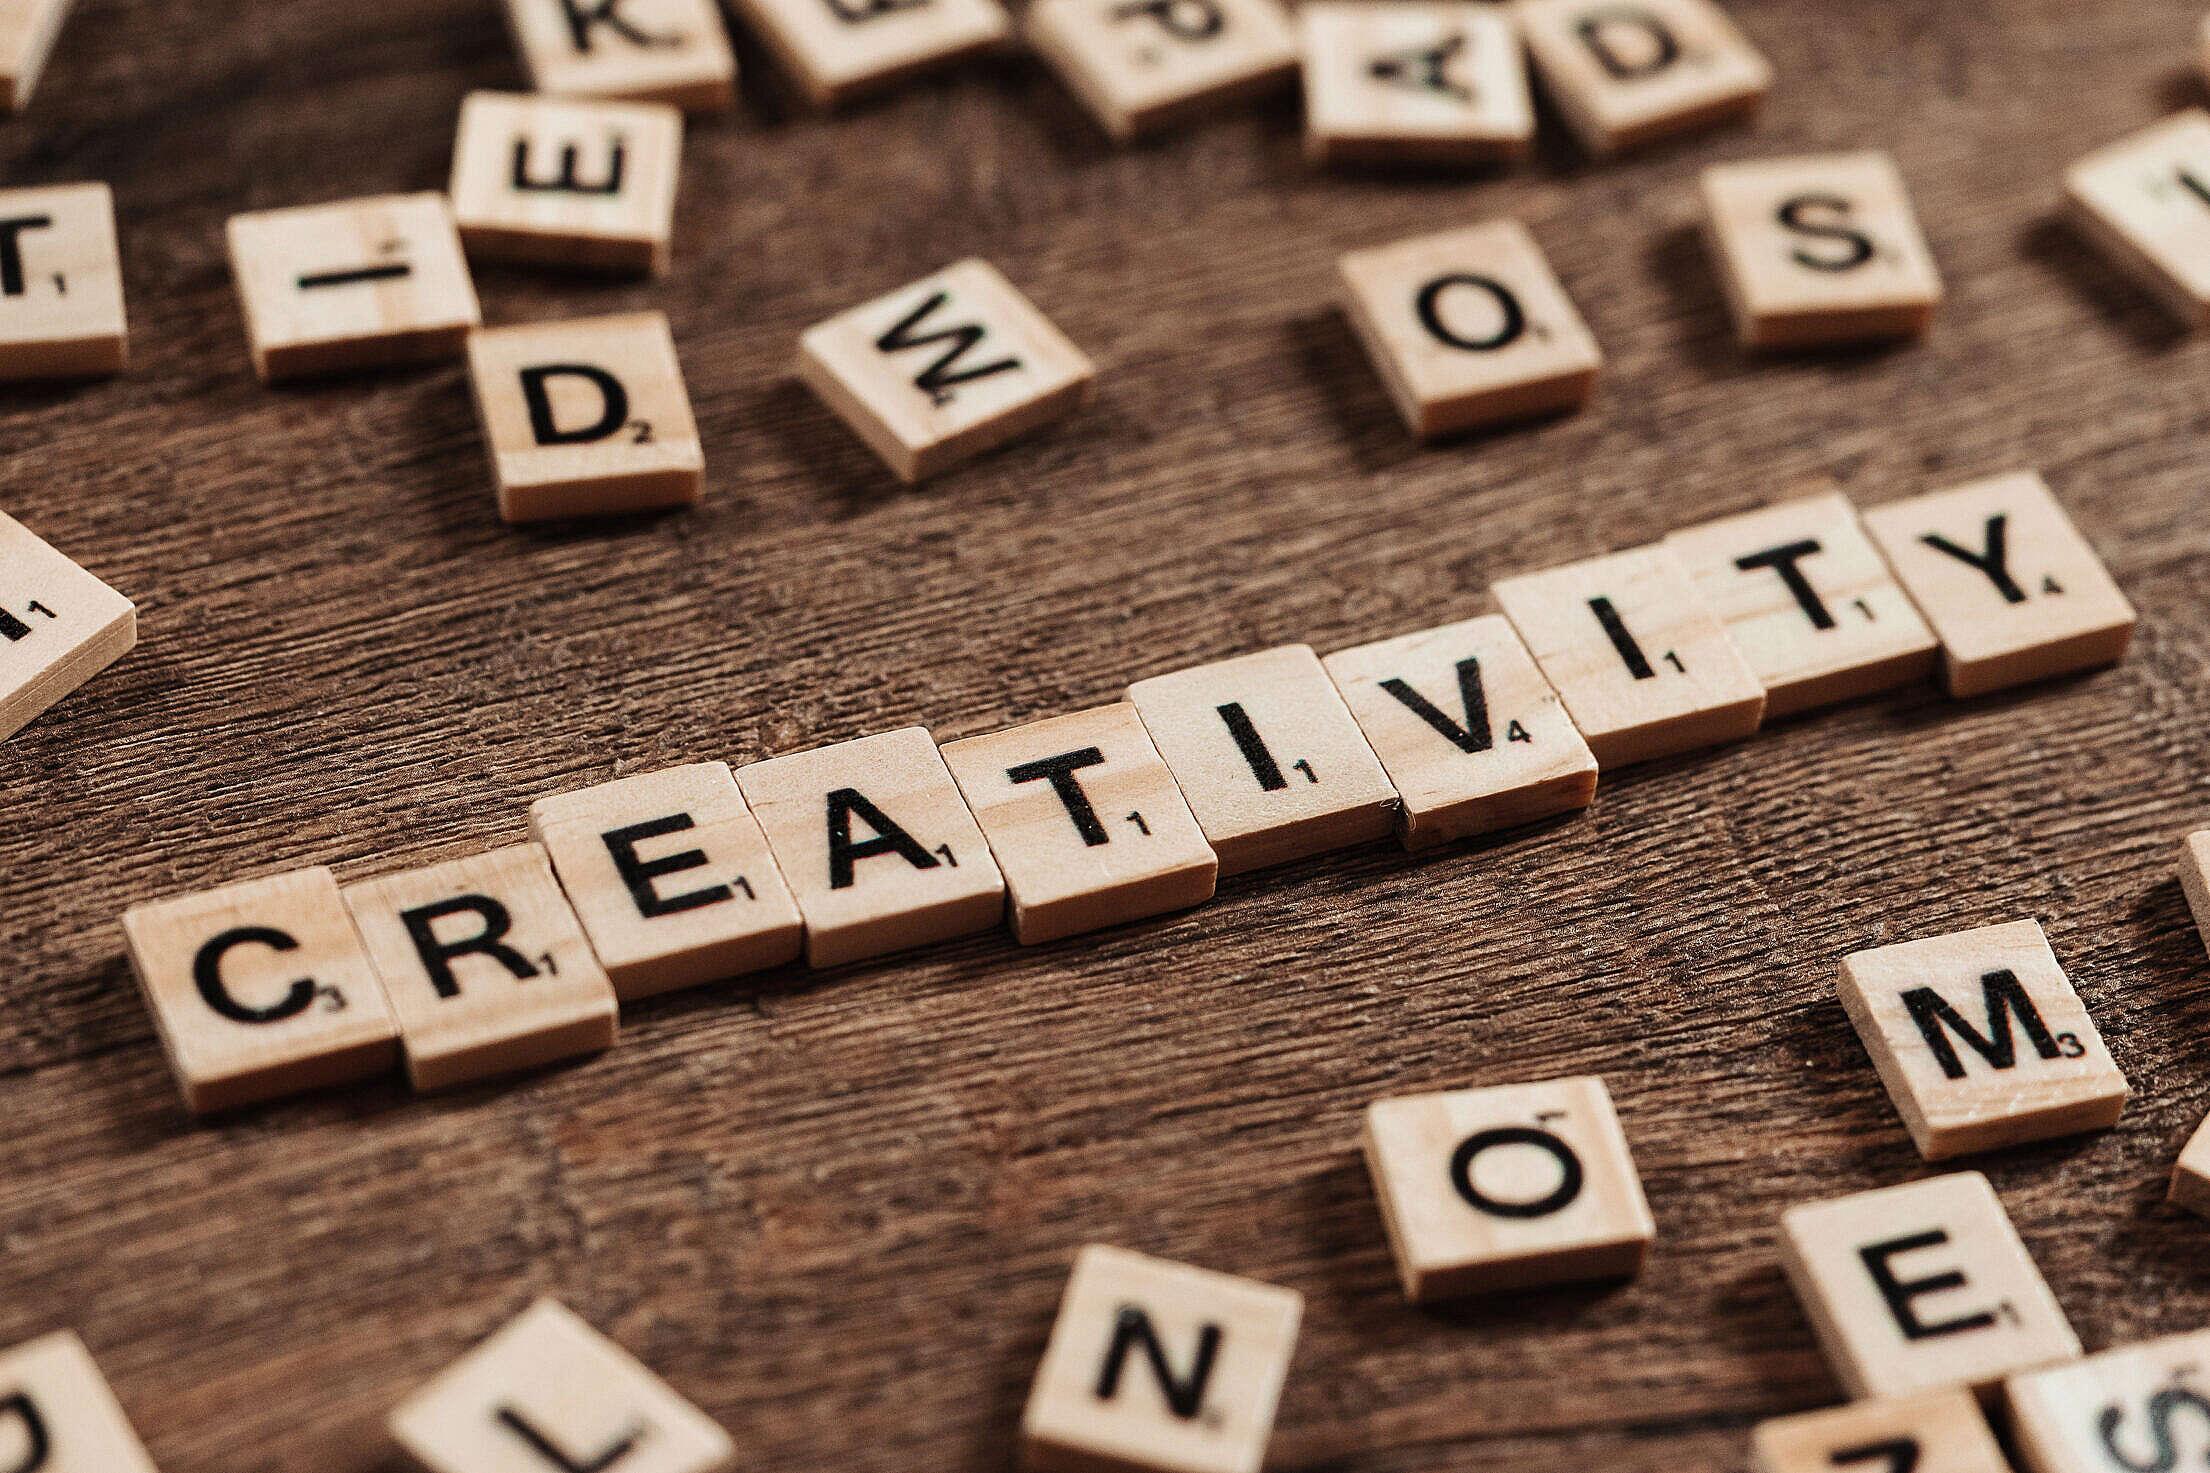 Creativity Free Stock Photo